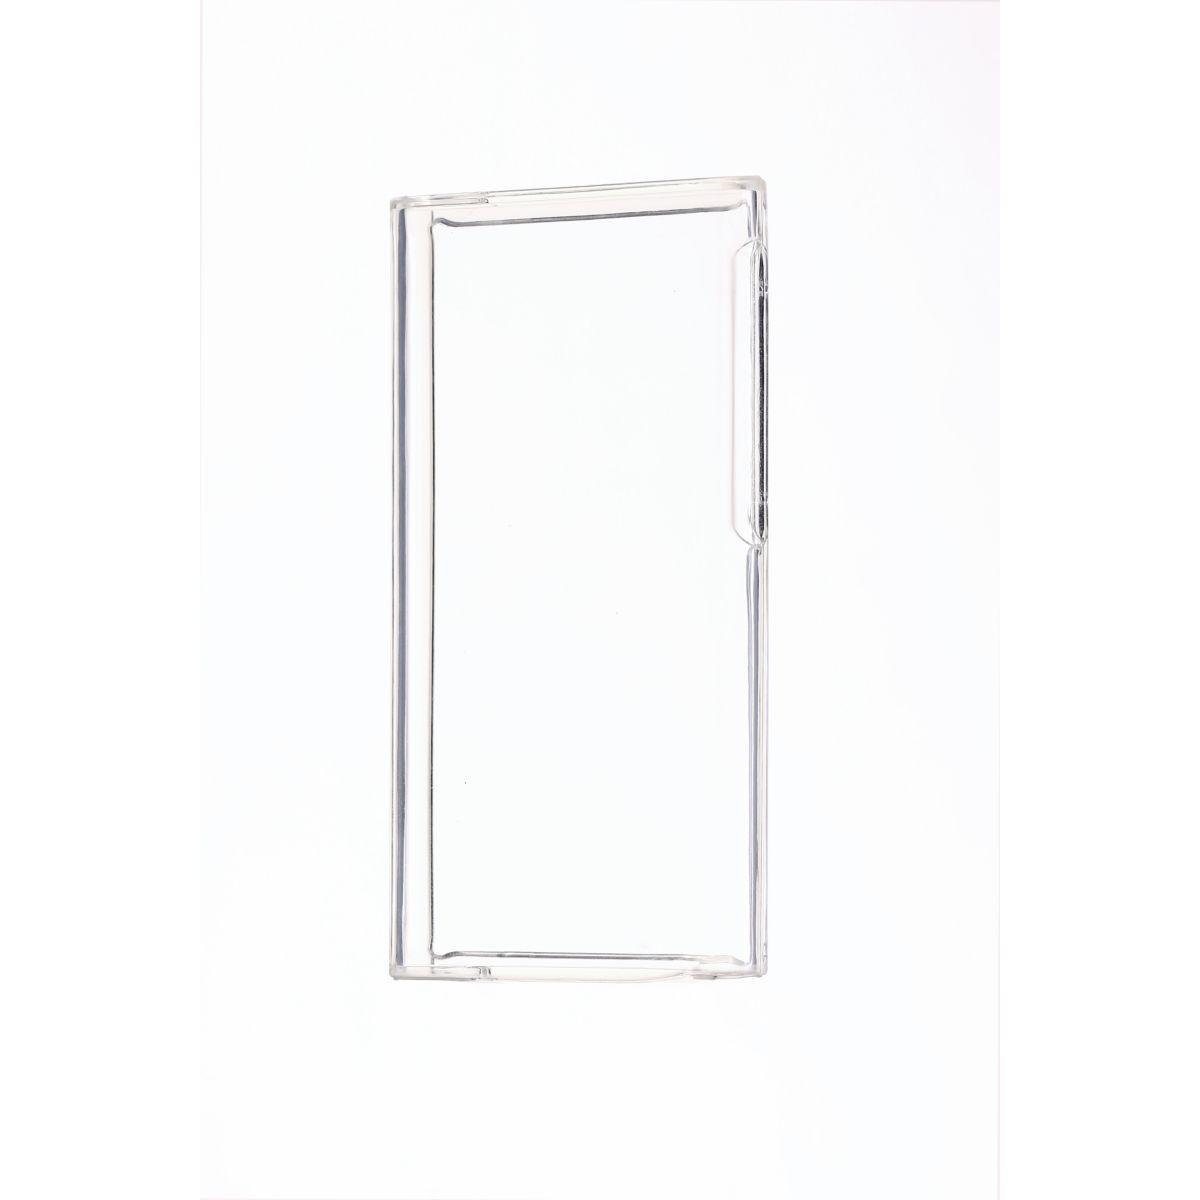 Coque essentielb coque transparente ipod nano